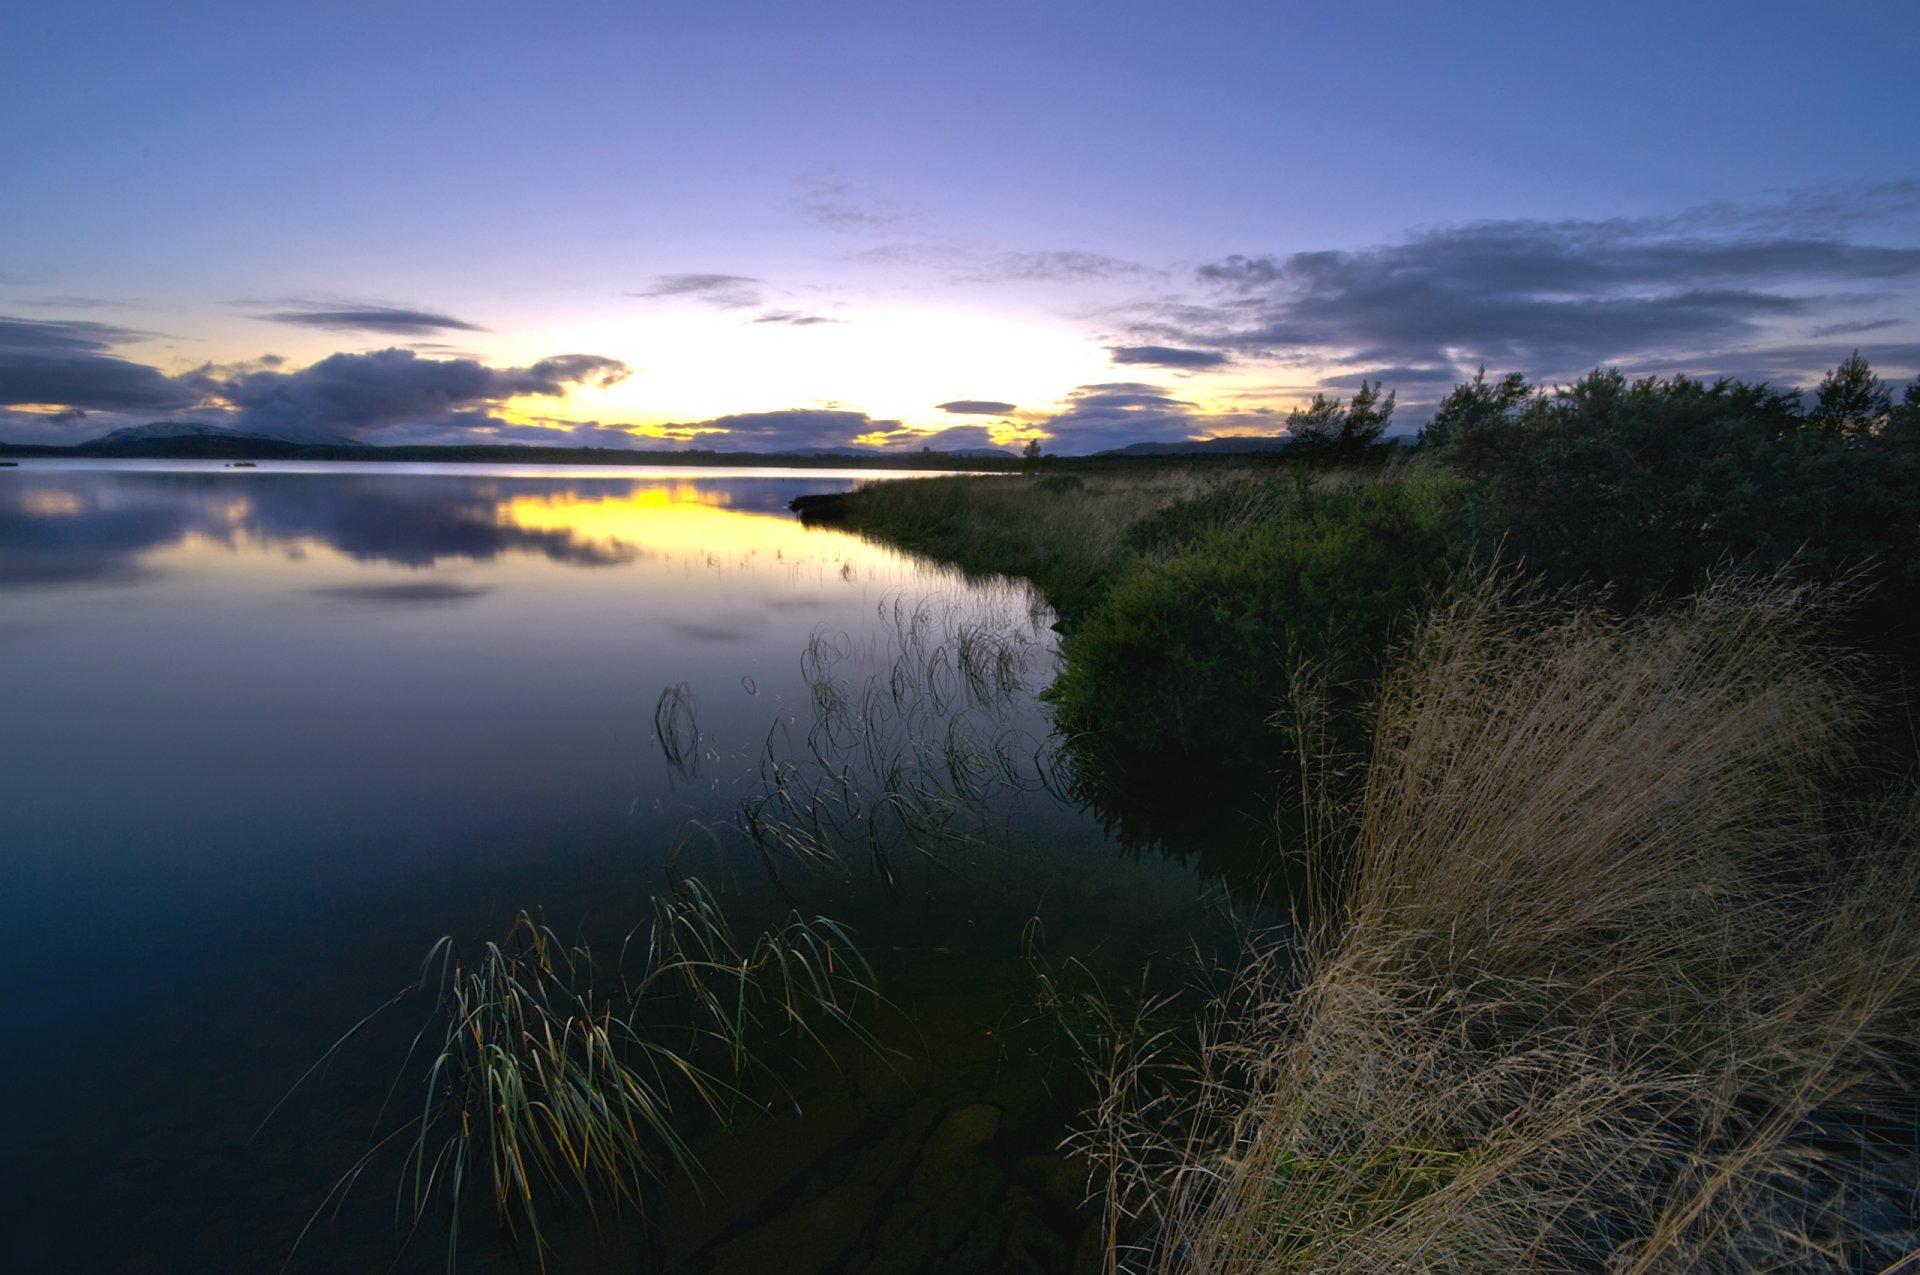 закат озеро небо трава  № 3878817 загрузить